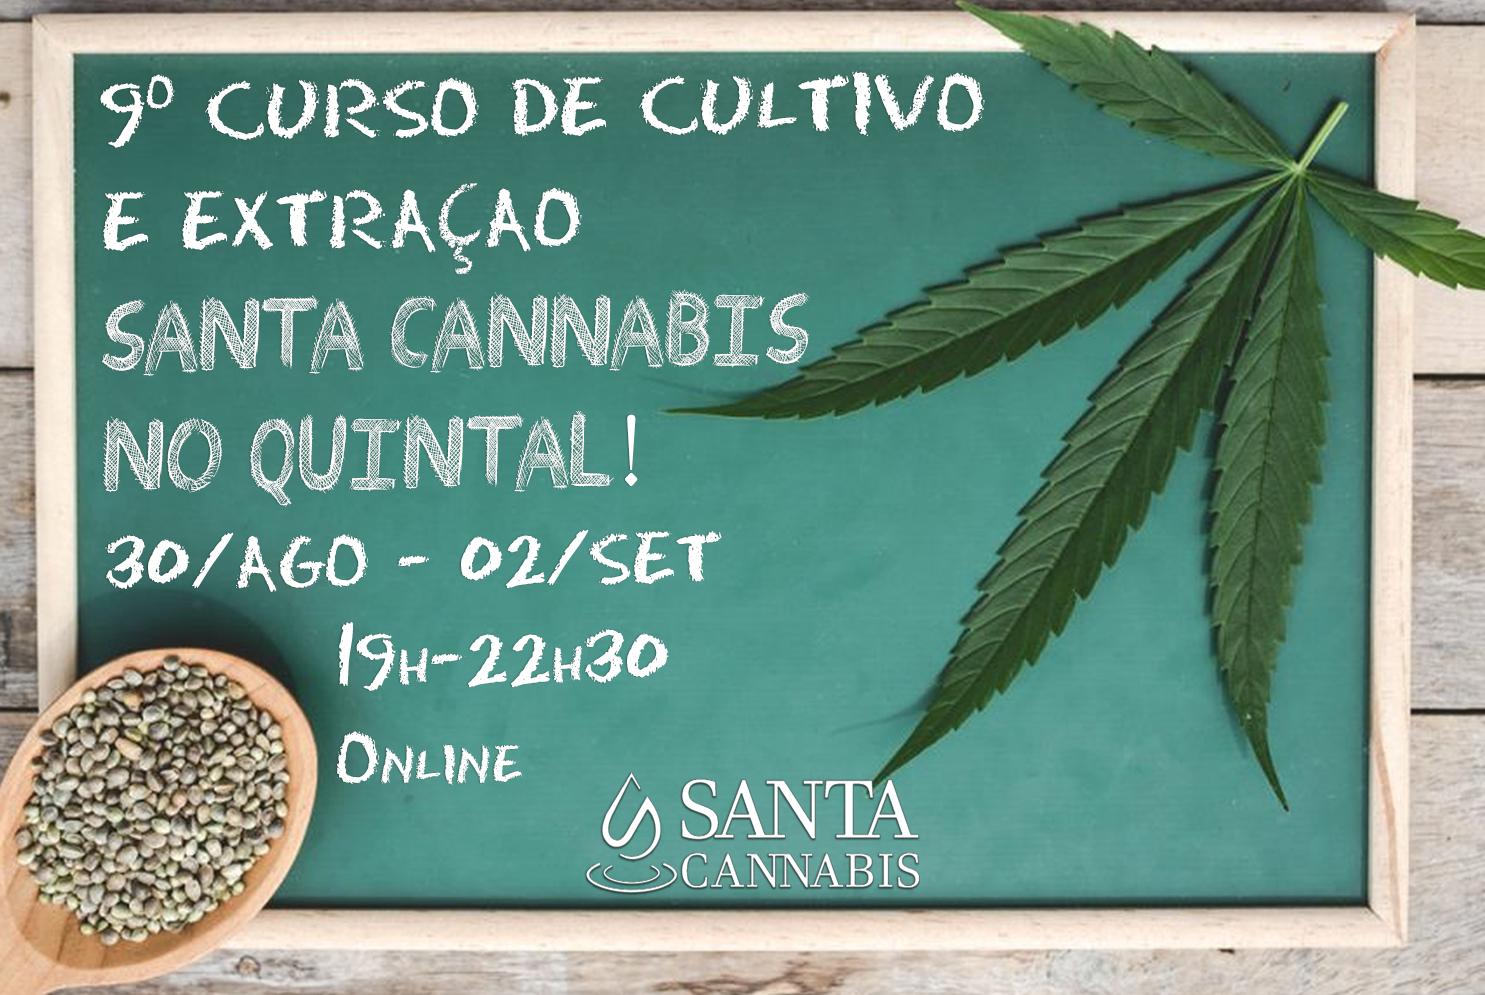 9º Curso de Cultivo e Extração Santa Cannabis no Quintal – INSCREVA-SE